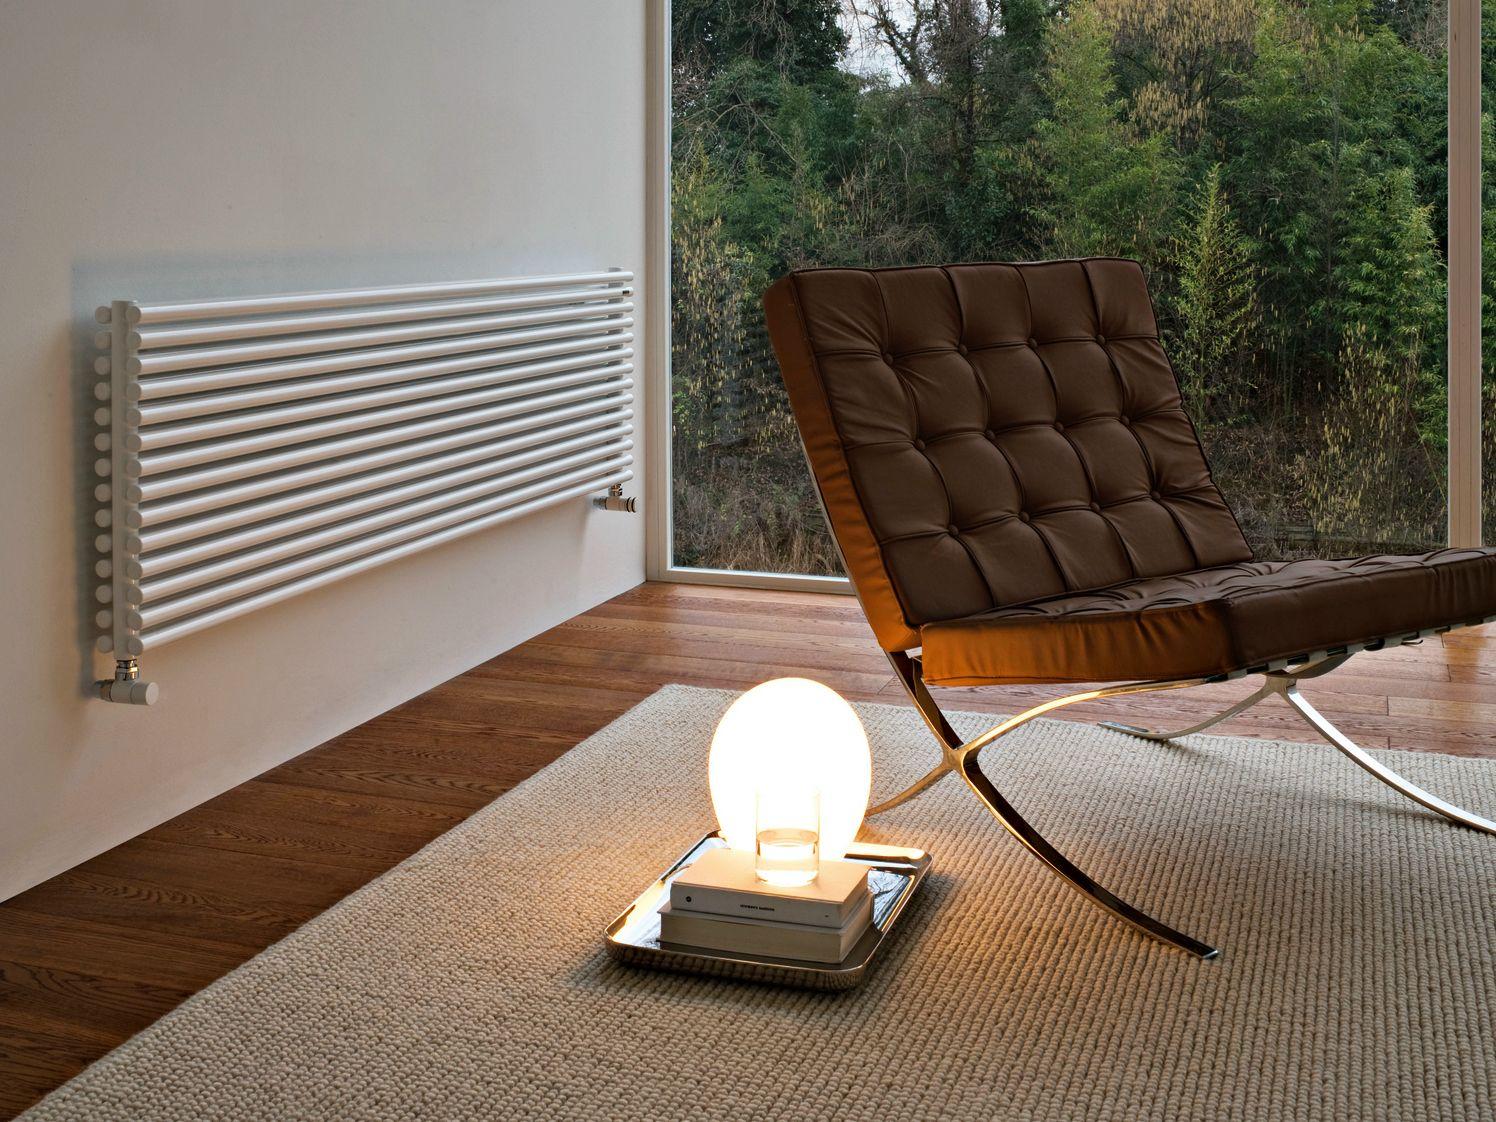 Basics 25 termoarredo orizzontale by tubes radiatori - Radiatori a parete prezzi ...